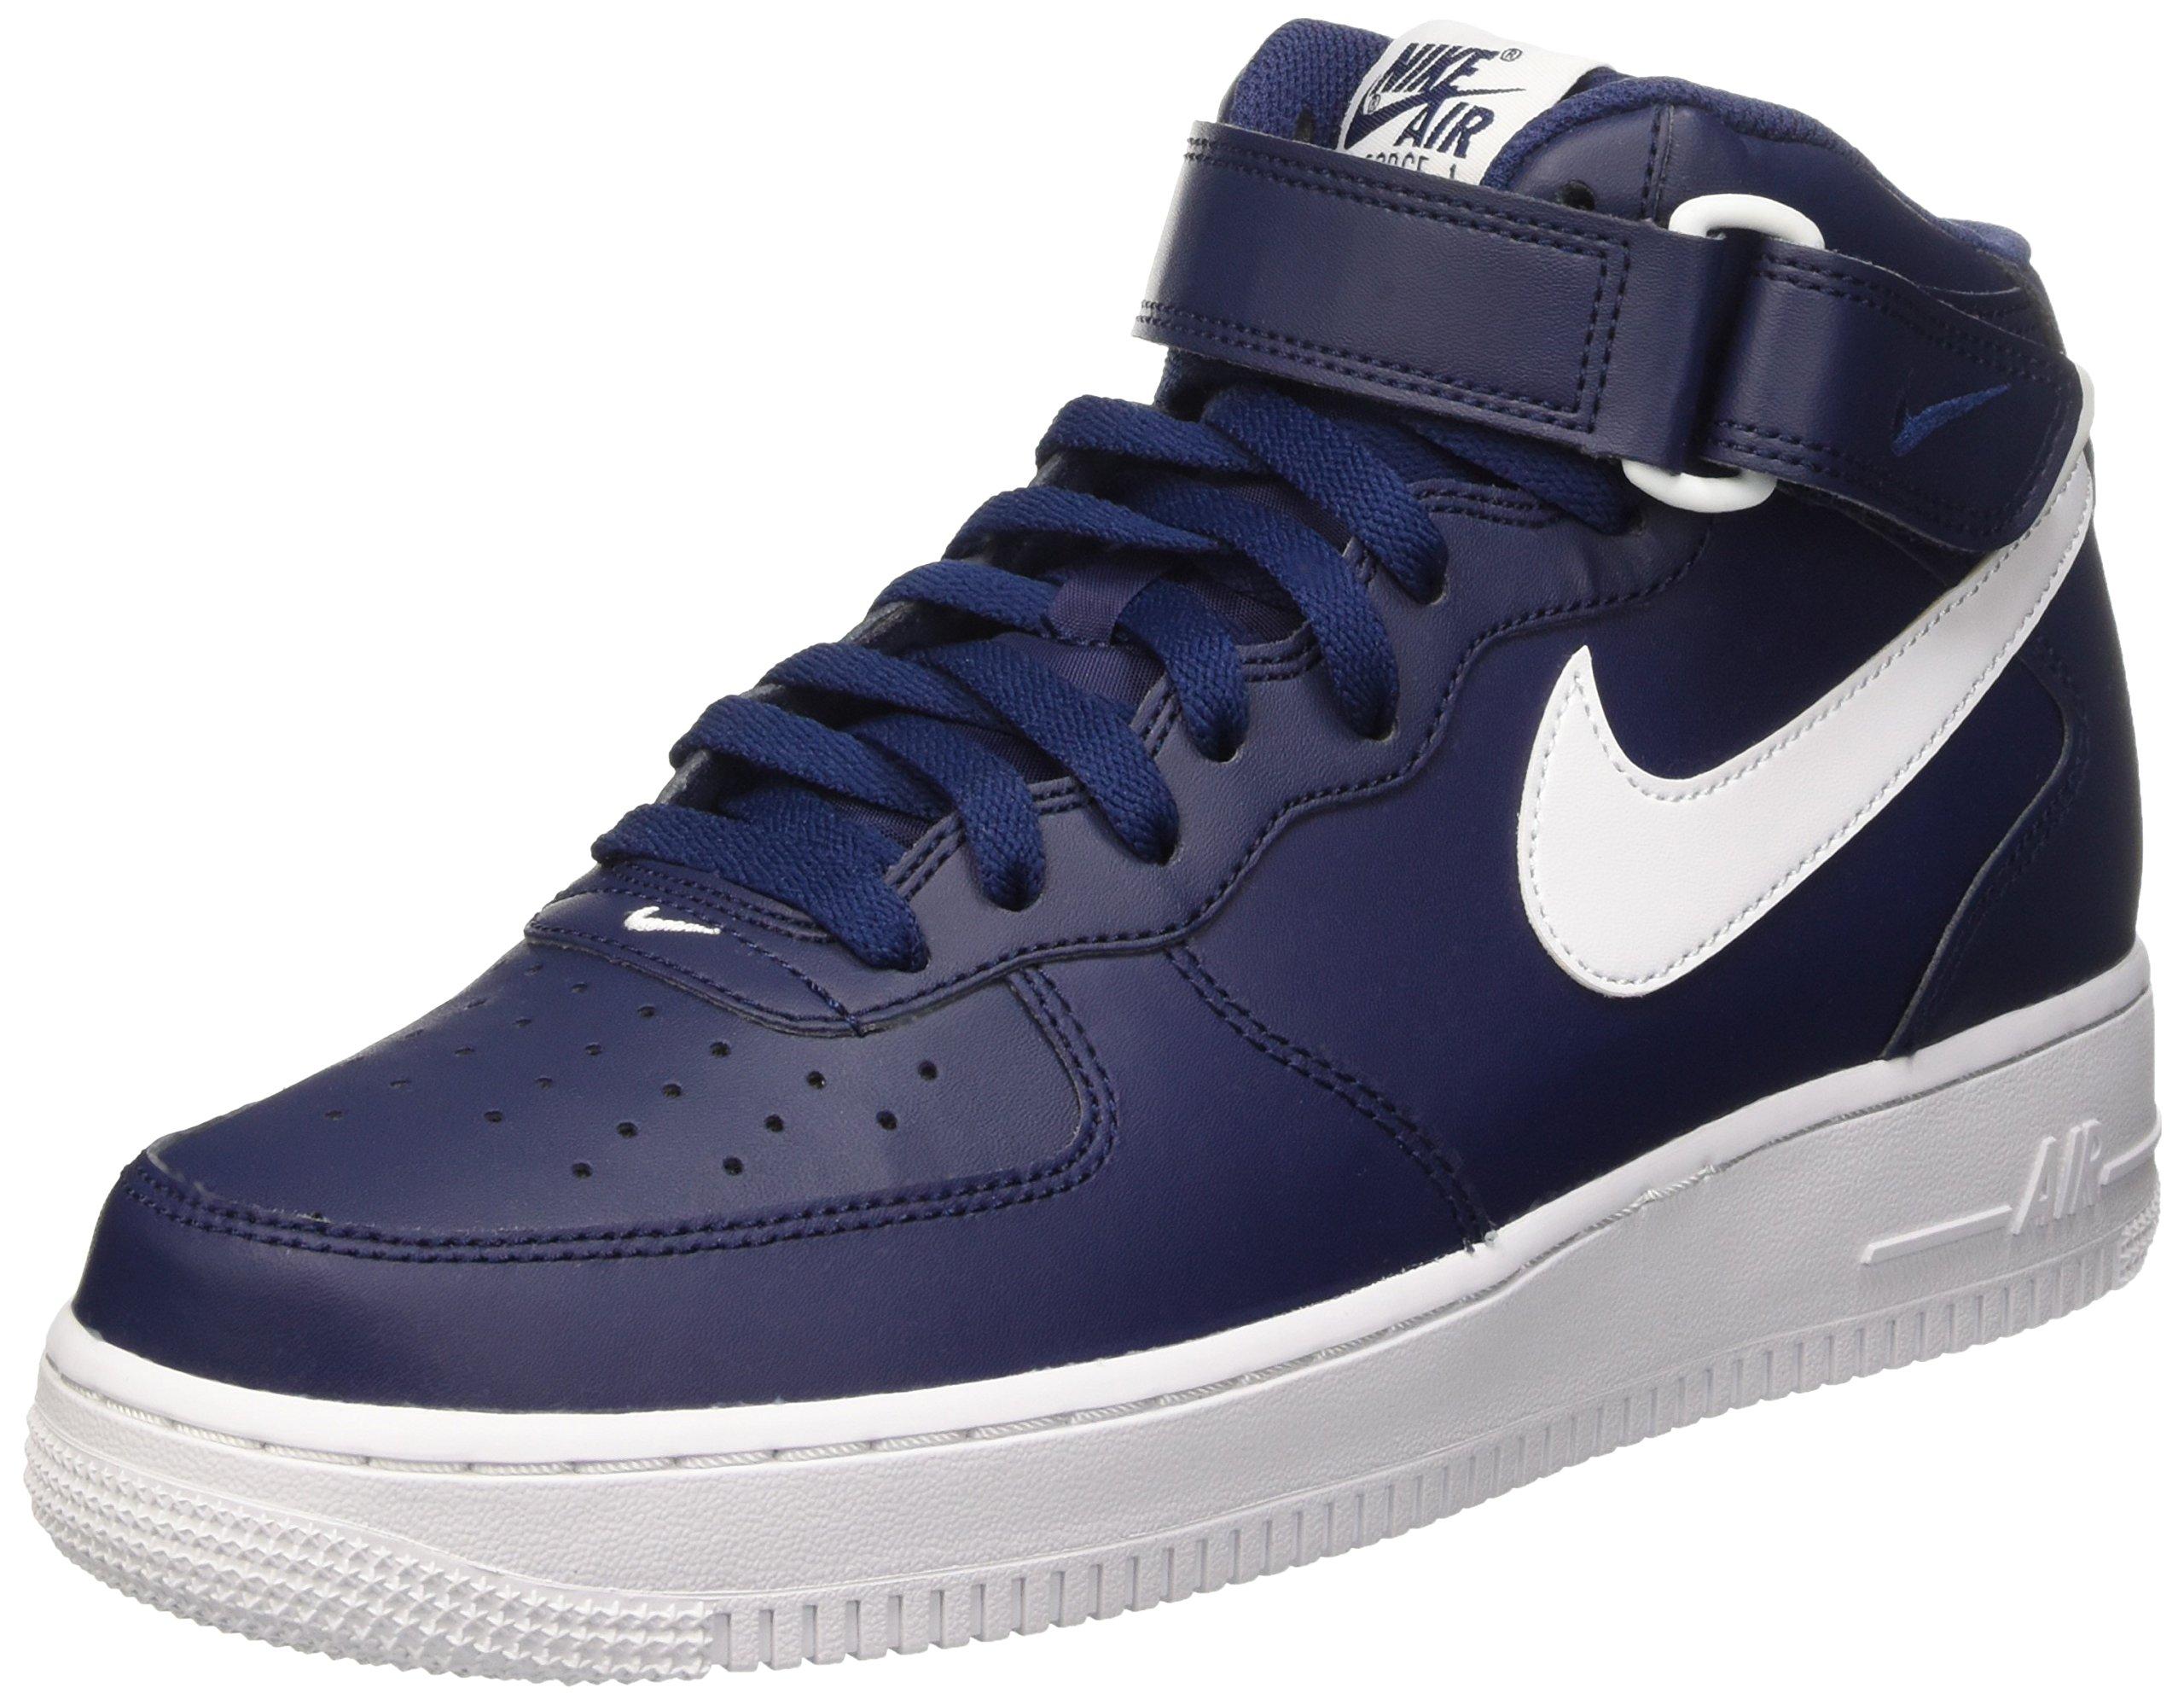 Nike Air Force 1 Mid '07 Zapatillas de Baloncesto, Hombre